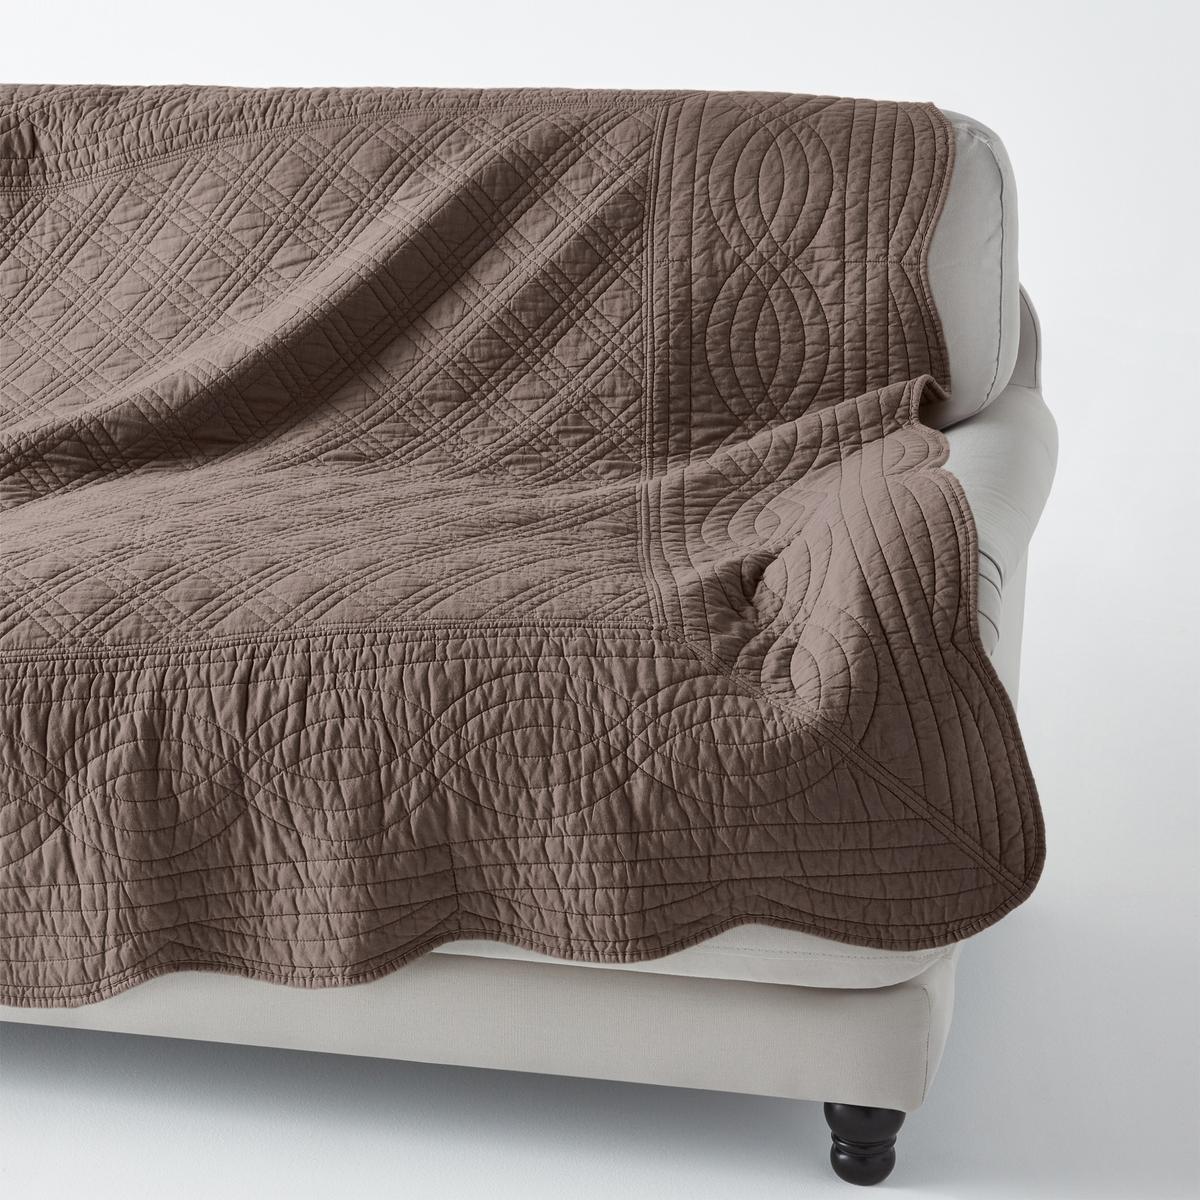 Покрывало стеганоеКачество VALEUR S?RE за качество материалов и тщательную отделку. 100% хлопка. Ручная работа, рельефная стежка, современная цветовая гамма. Наполнитель из 100% хлопка (250 г/м?). Волнистые края. Украсит кровать, кресло, диван… Стирка при 40°. Превосходная<br><br>Цвет: серо-коричневый